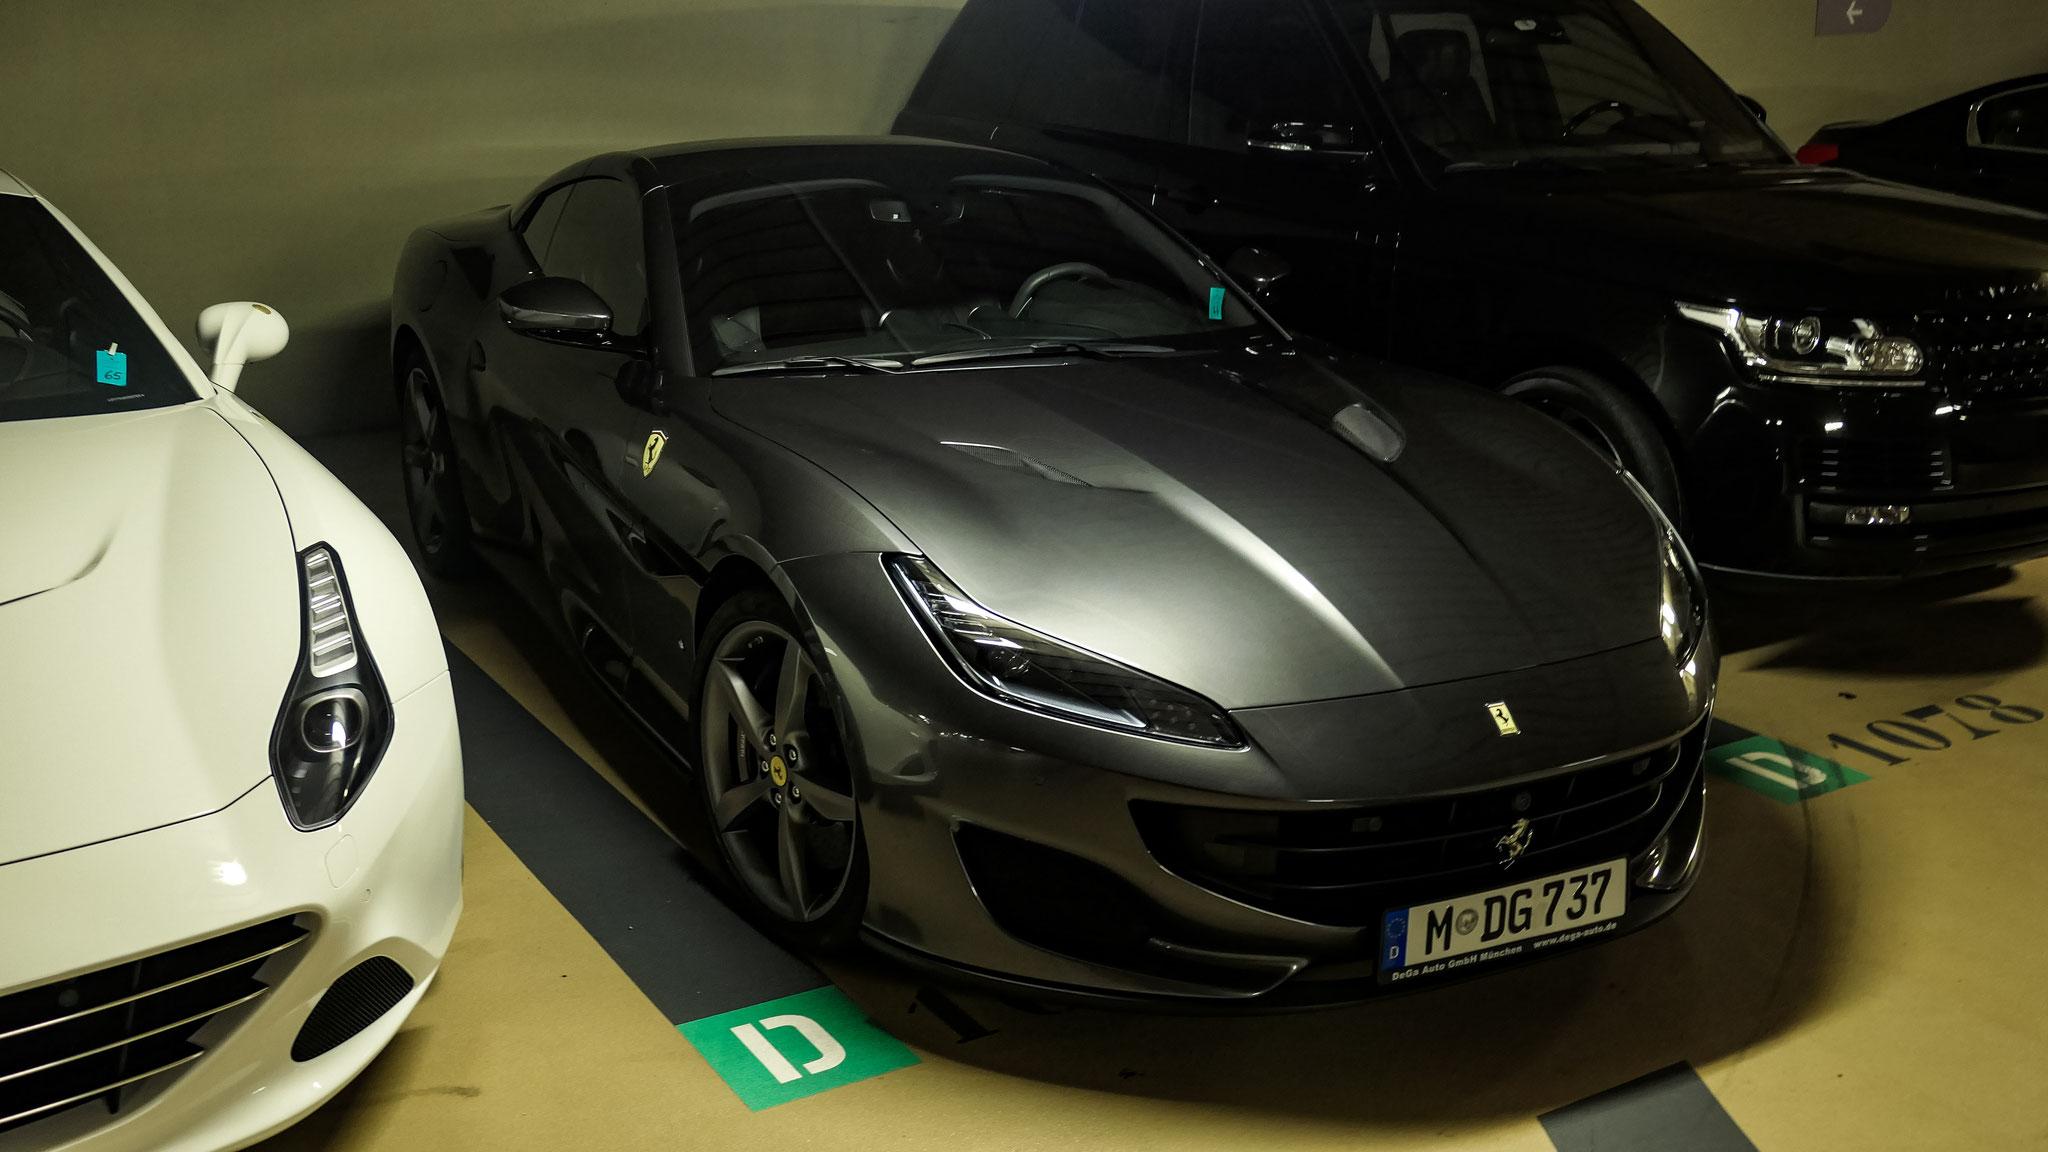 Ferrari Portofino - M-DG-737